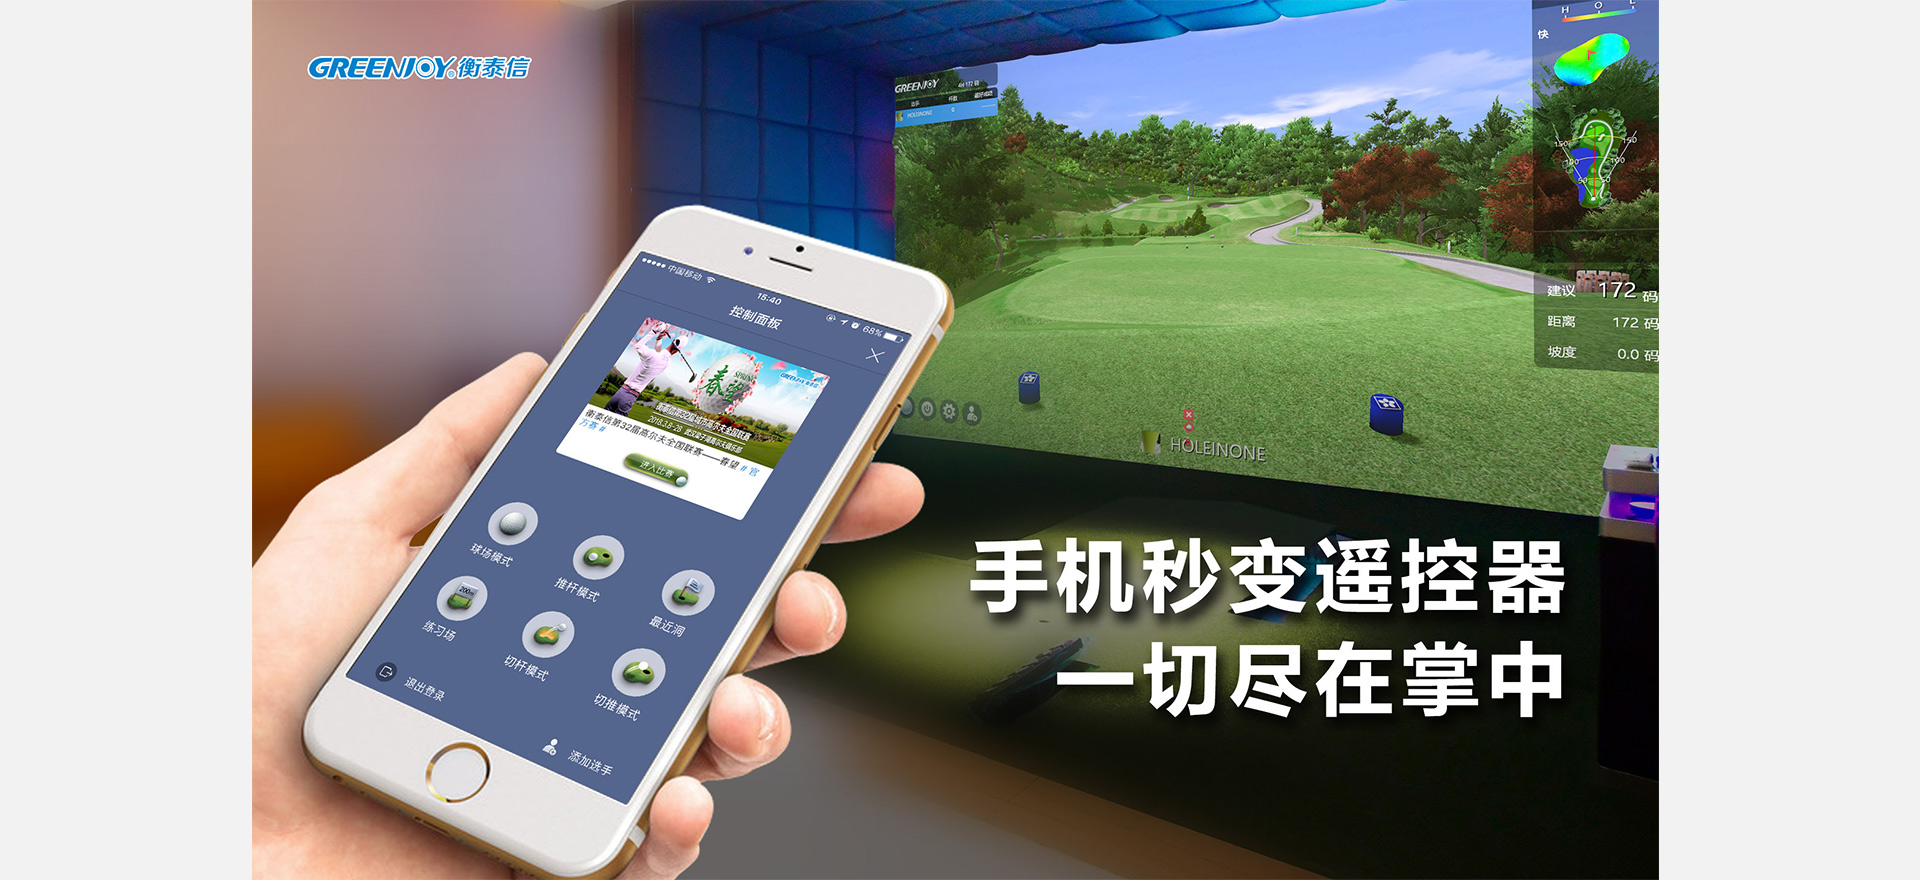 衡泰信模拟高尔夫新功能1.jpg